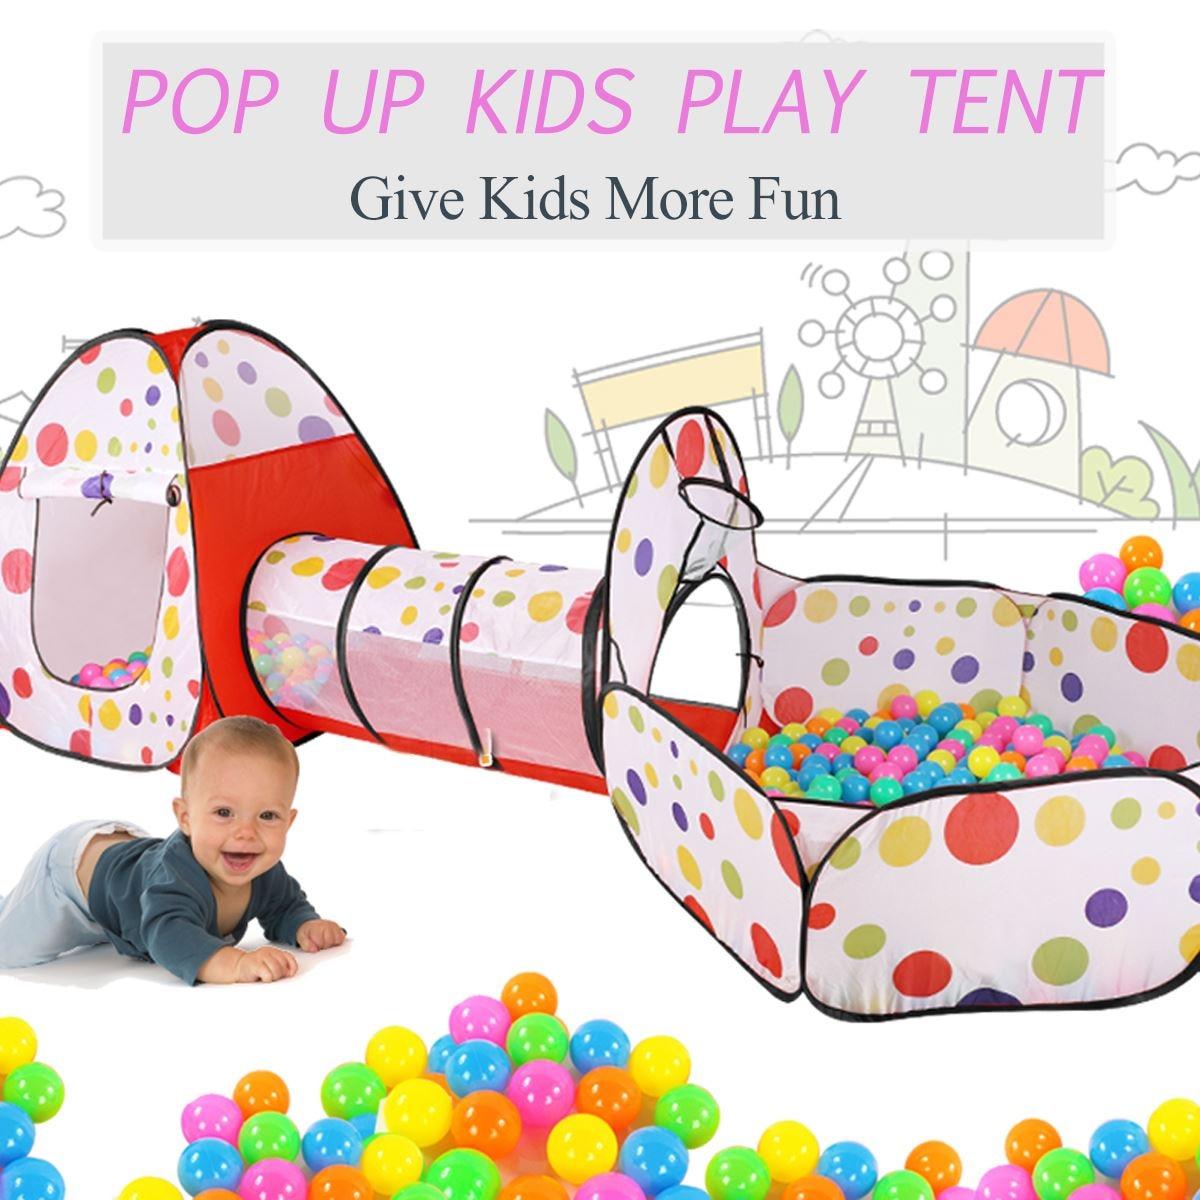 nuevo unidsset tnel pop up play tent plegable nio de los cabritos juguetes para nios casa de juegos los nios juegan juego